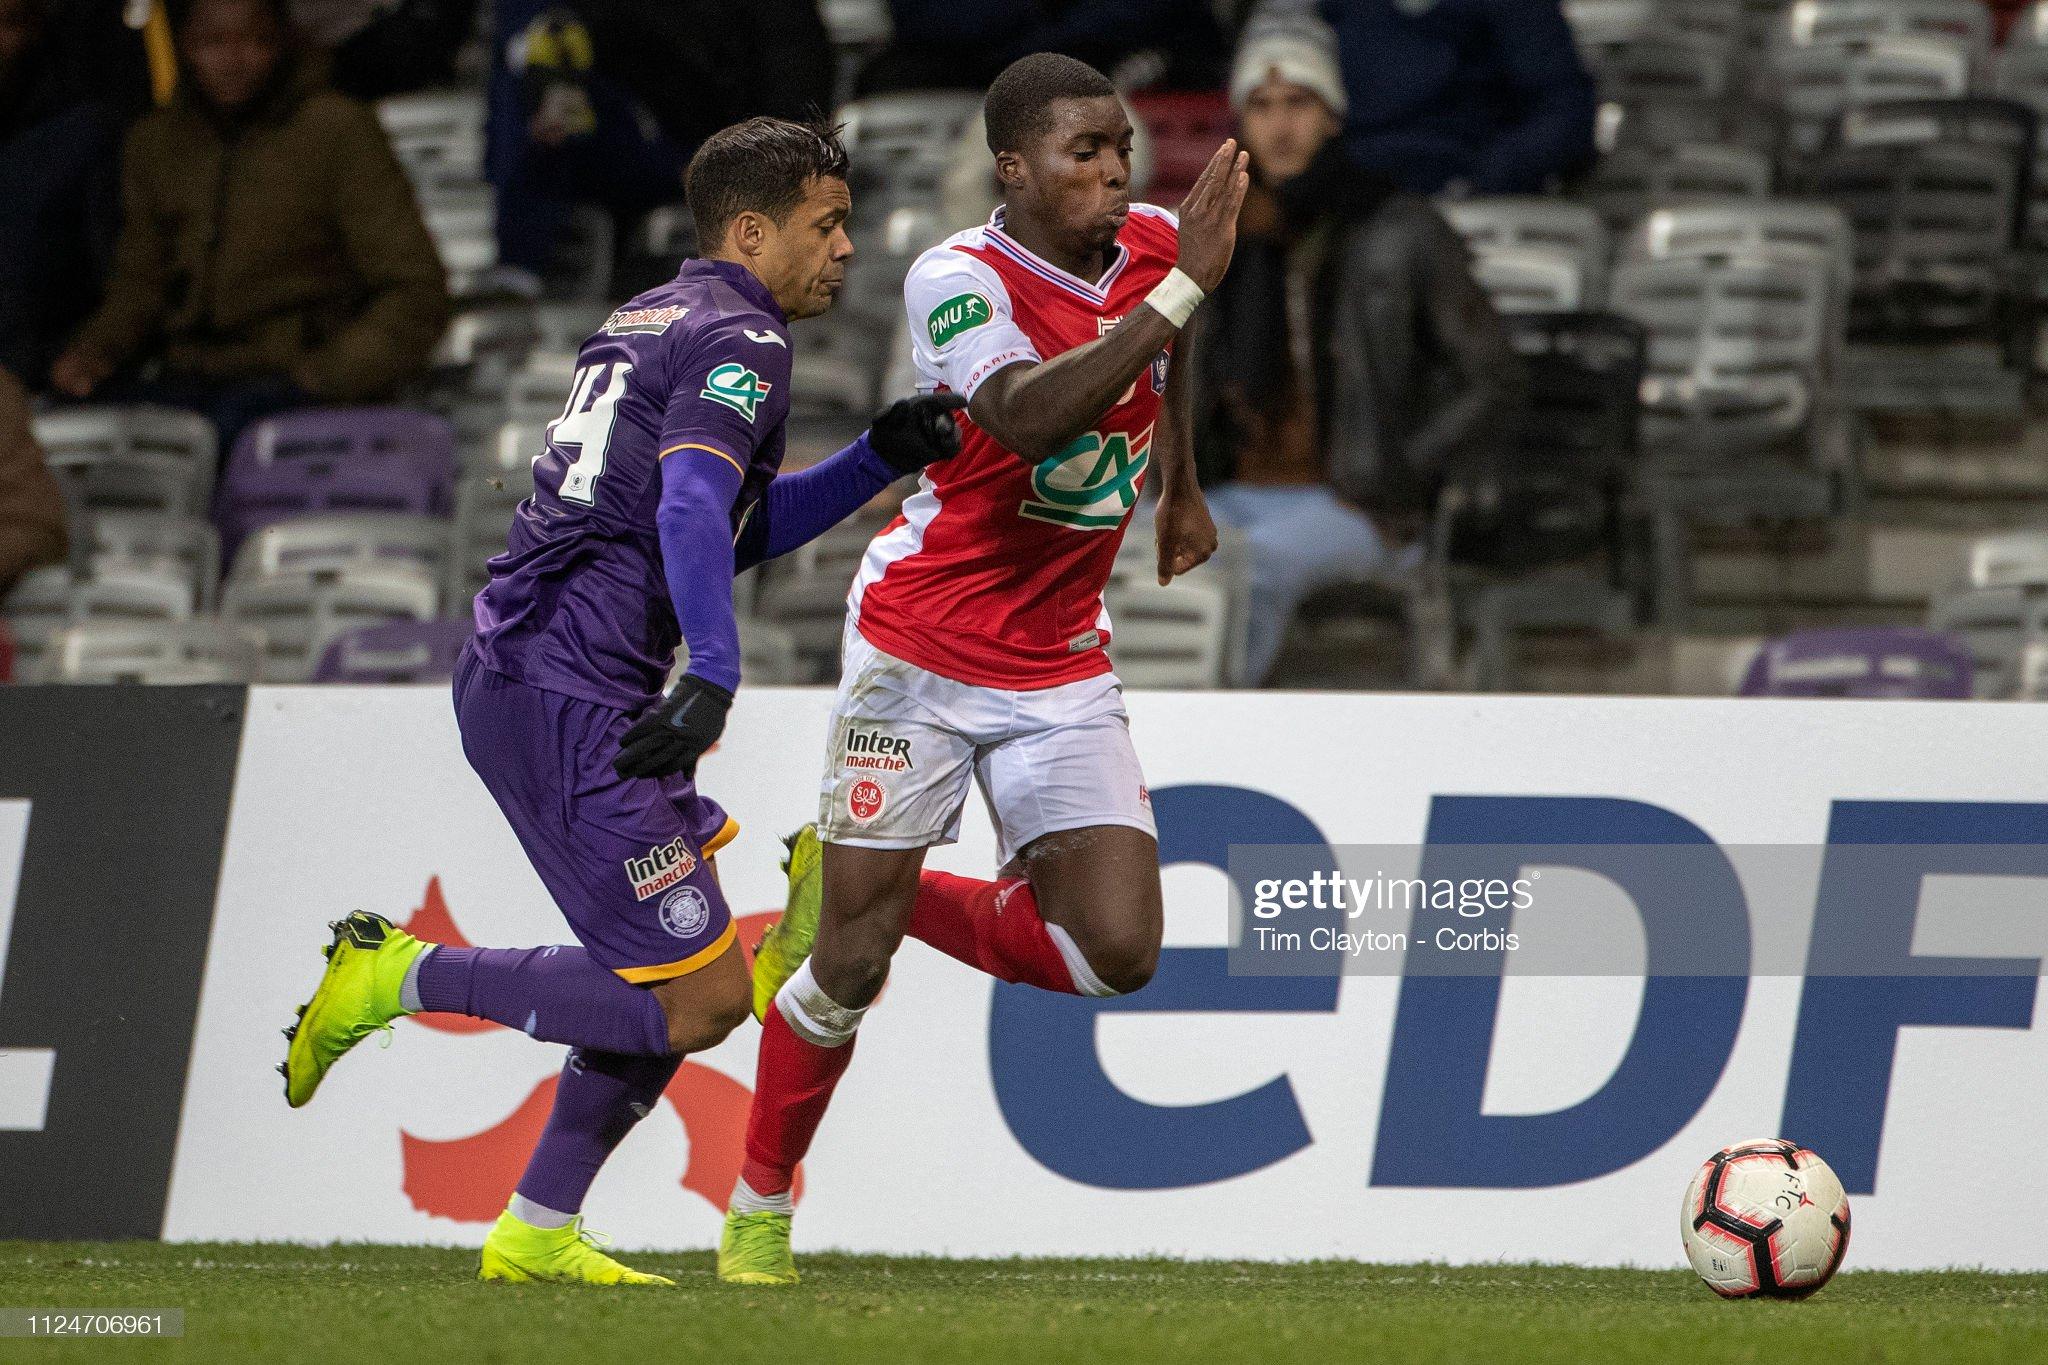 Toulouse FC V Stade de Reims. Coupe de France. : News Photo